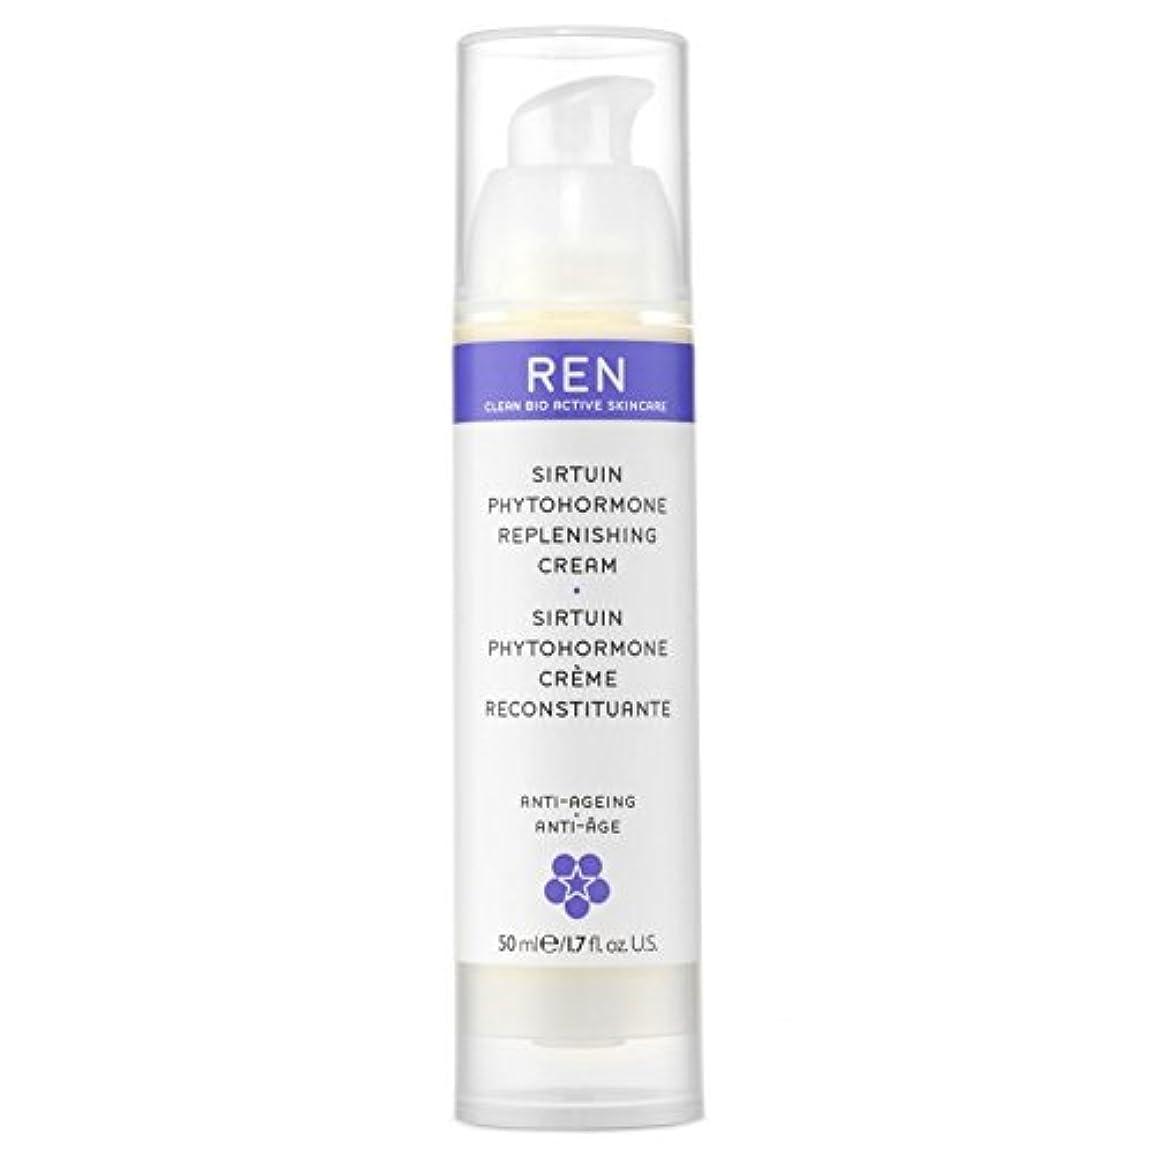 電気申し立てられた原始的なREN Sirtuin Phytohormone Replenishing Cream - サーチュイン植物ホルモン補充クリーム [並行輸入品]